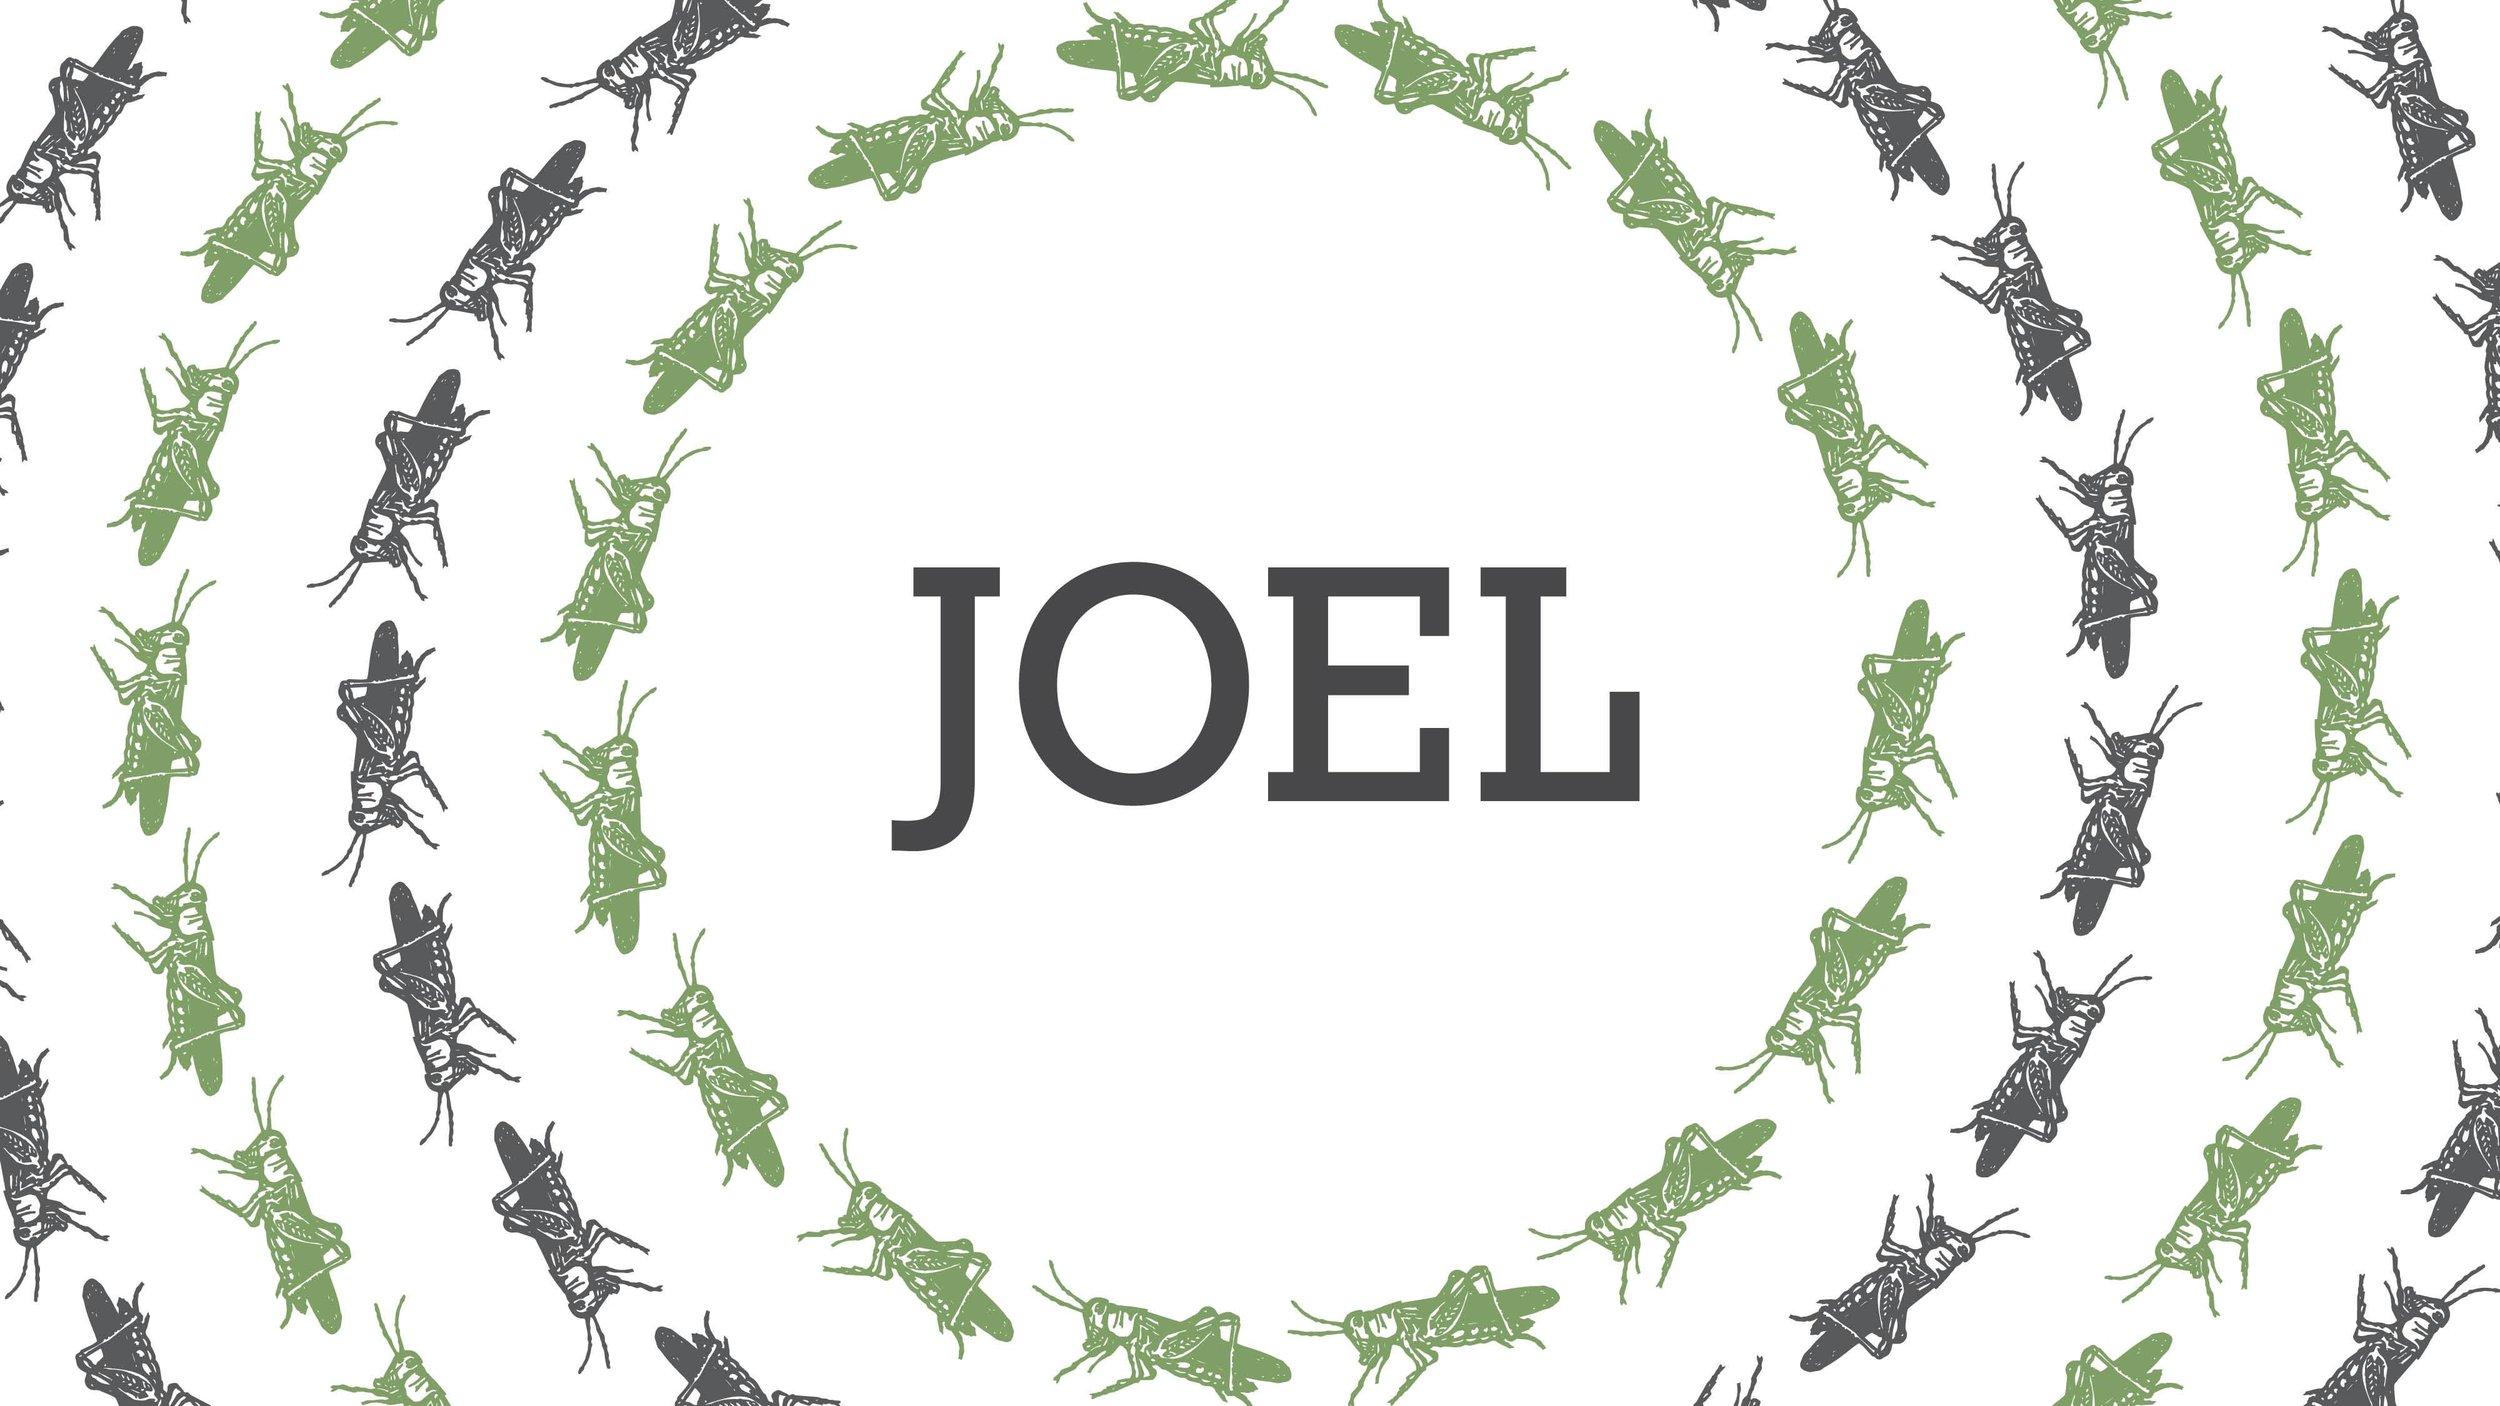 Joel - 4/8/18–6/6/18